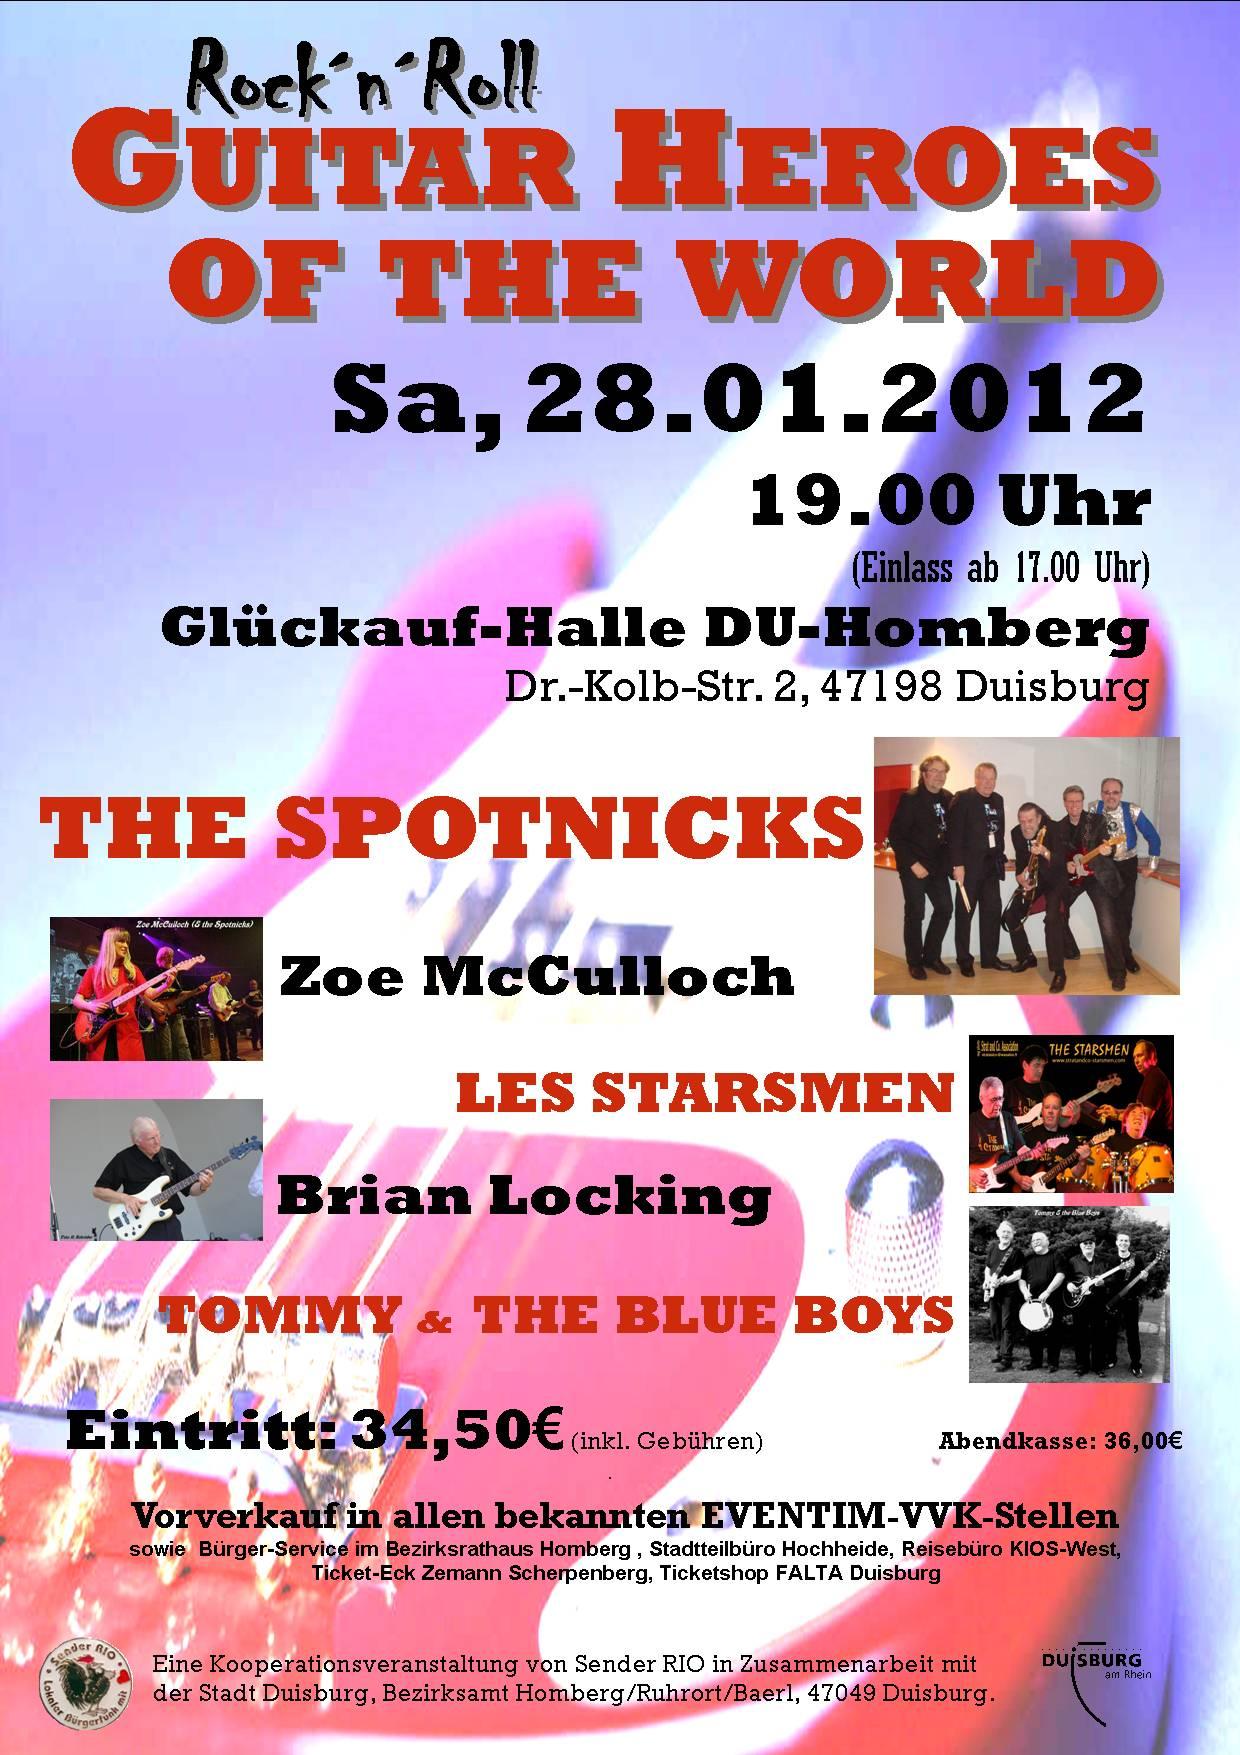 Duisburg - Janvier 2012